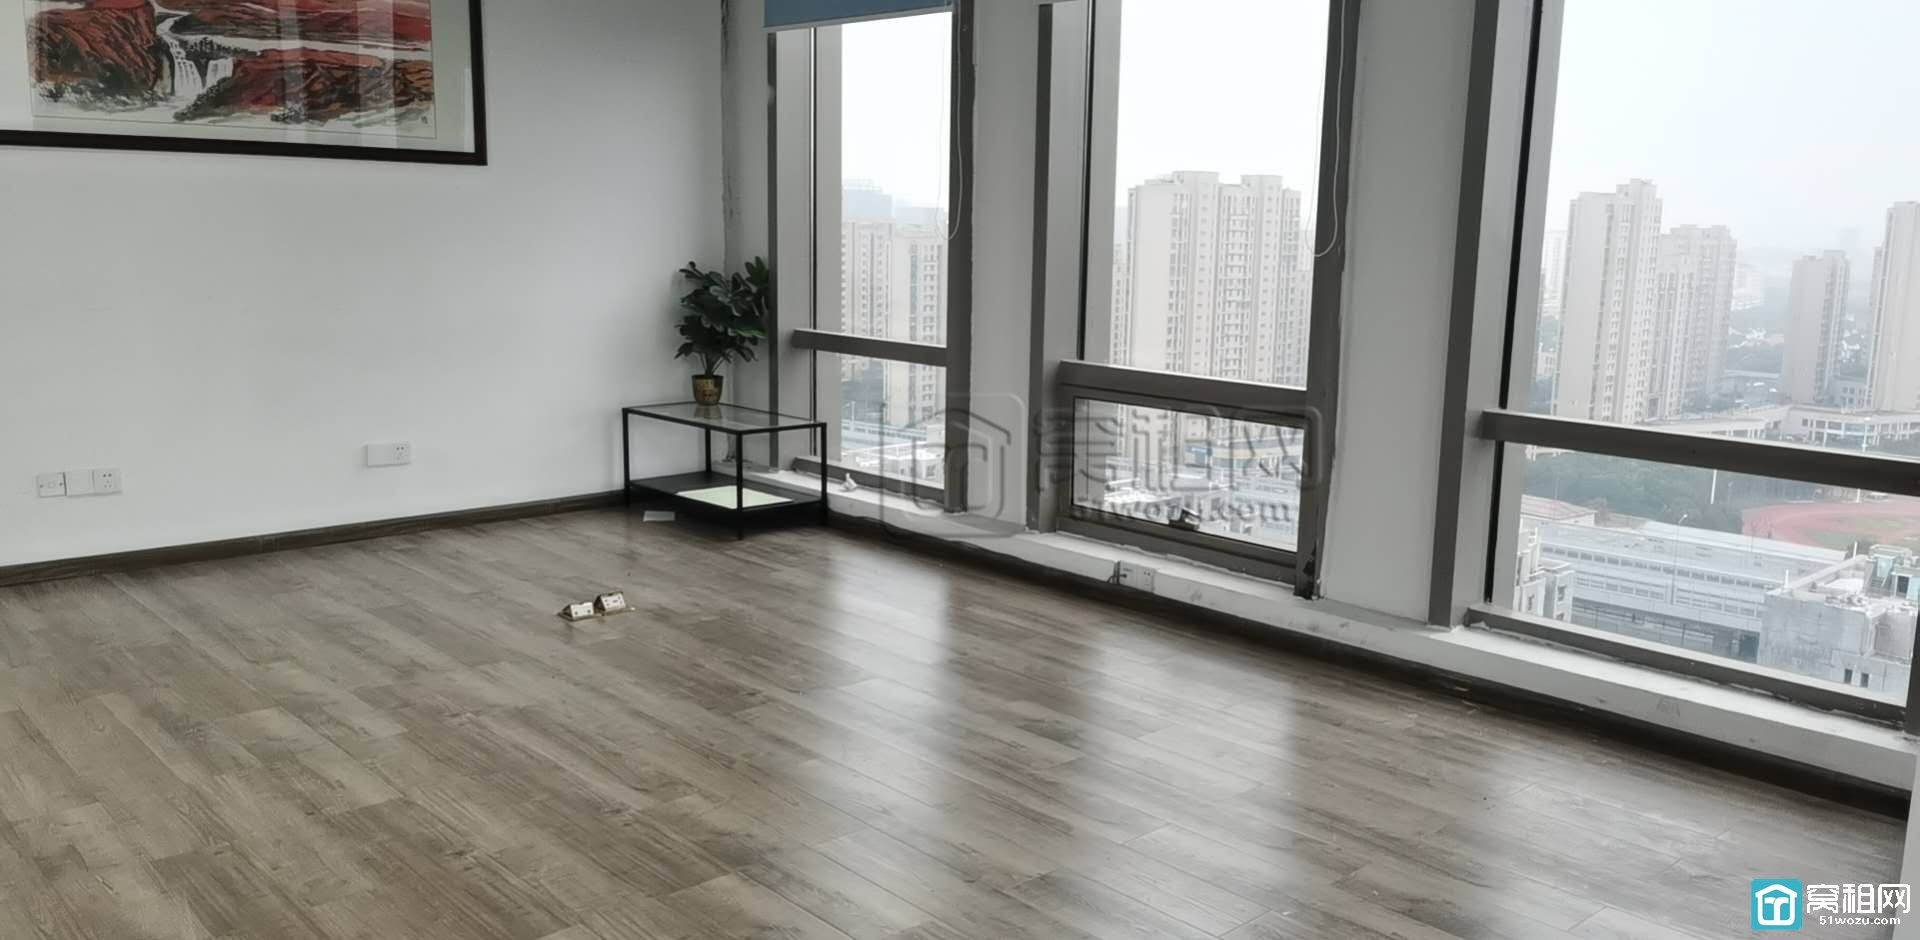 宁波高新区智慧园深蓝大厦250平米写字楼出租